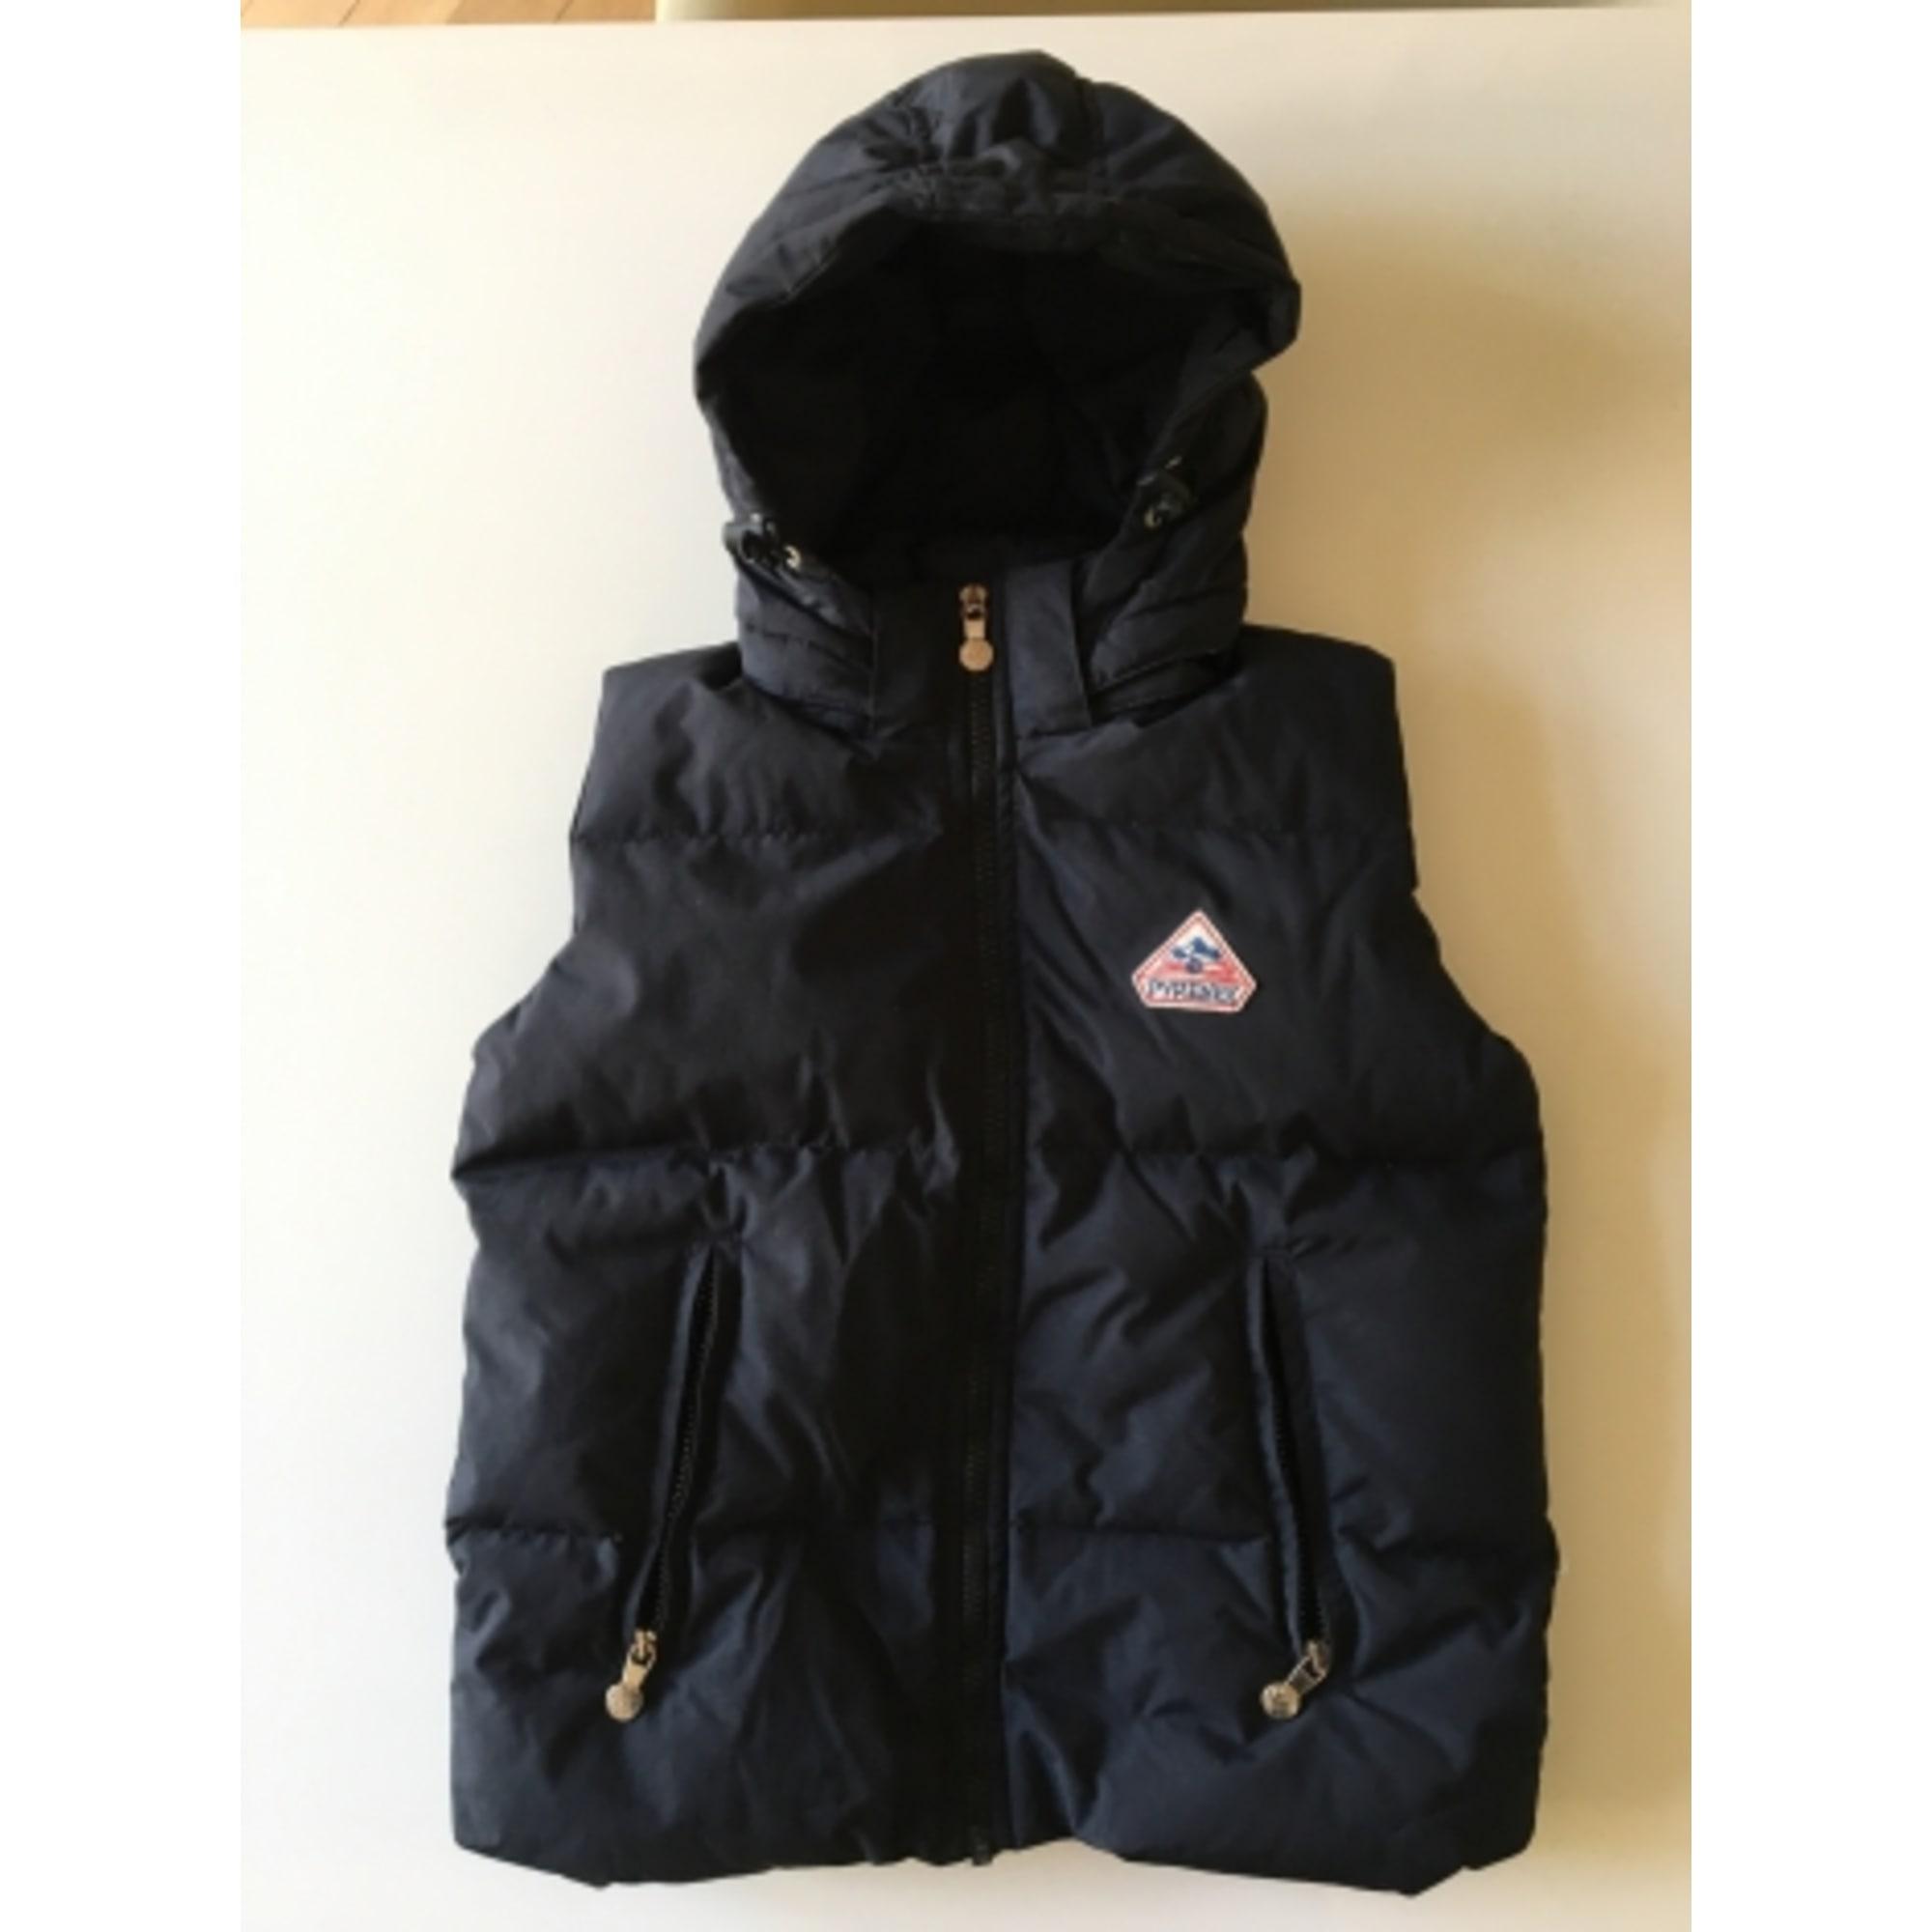 Down Jacket PYRENEX 13-14 years black vendu par Sab.h - 6652947 fb170c5e291